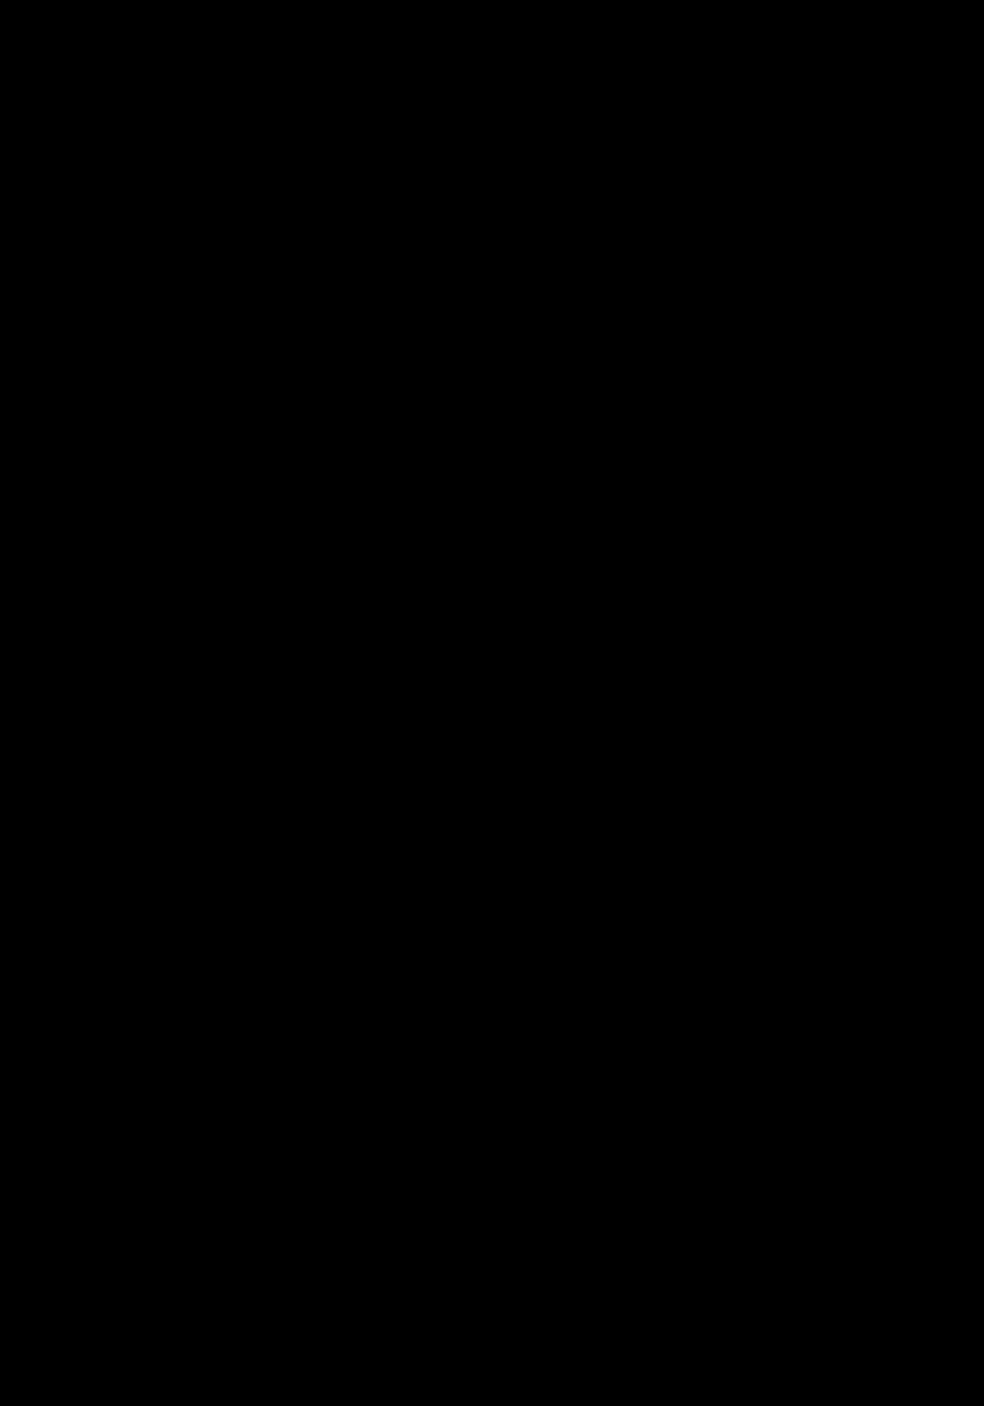 艶 B 小かな BTU-KS 縦組見本